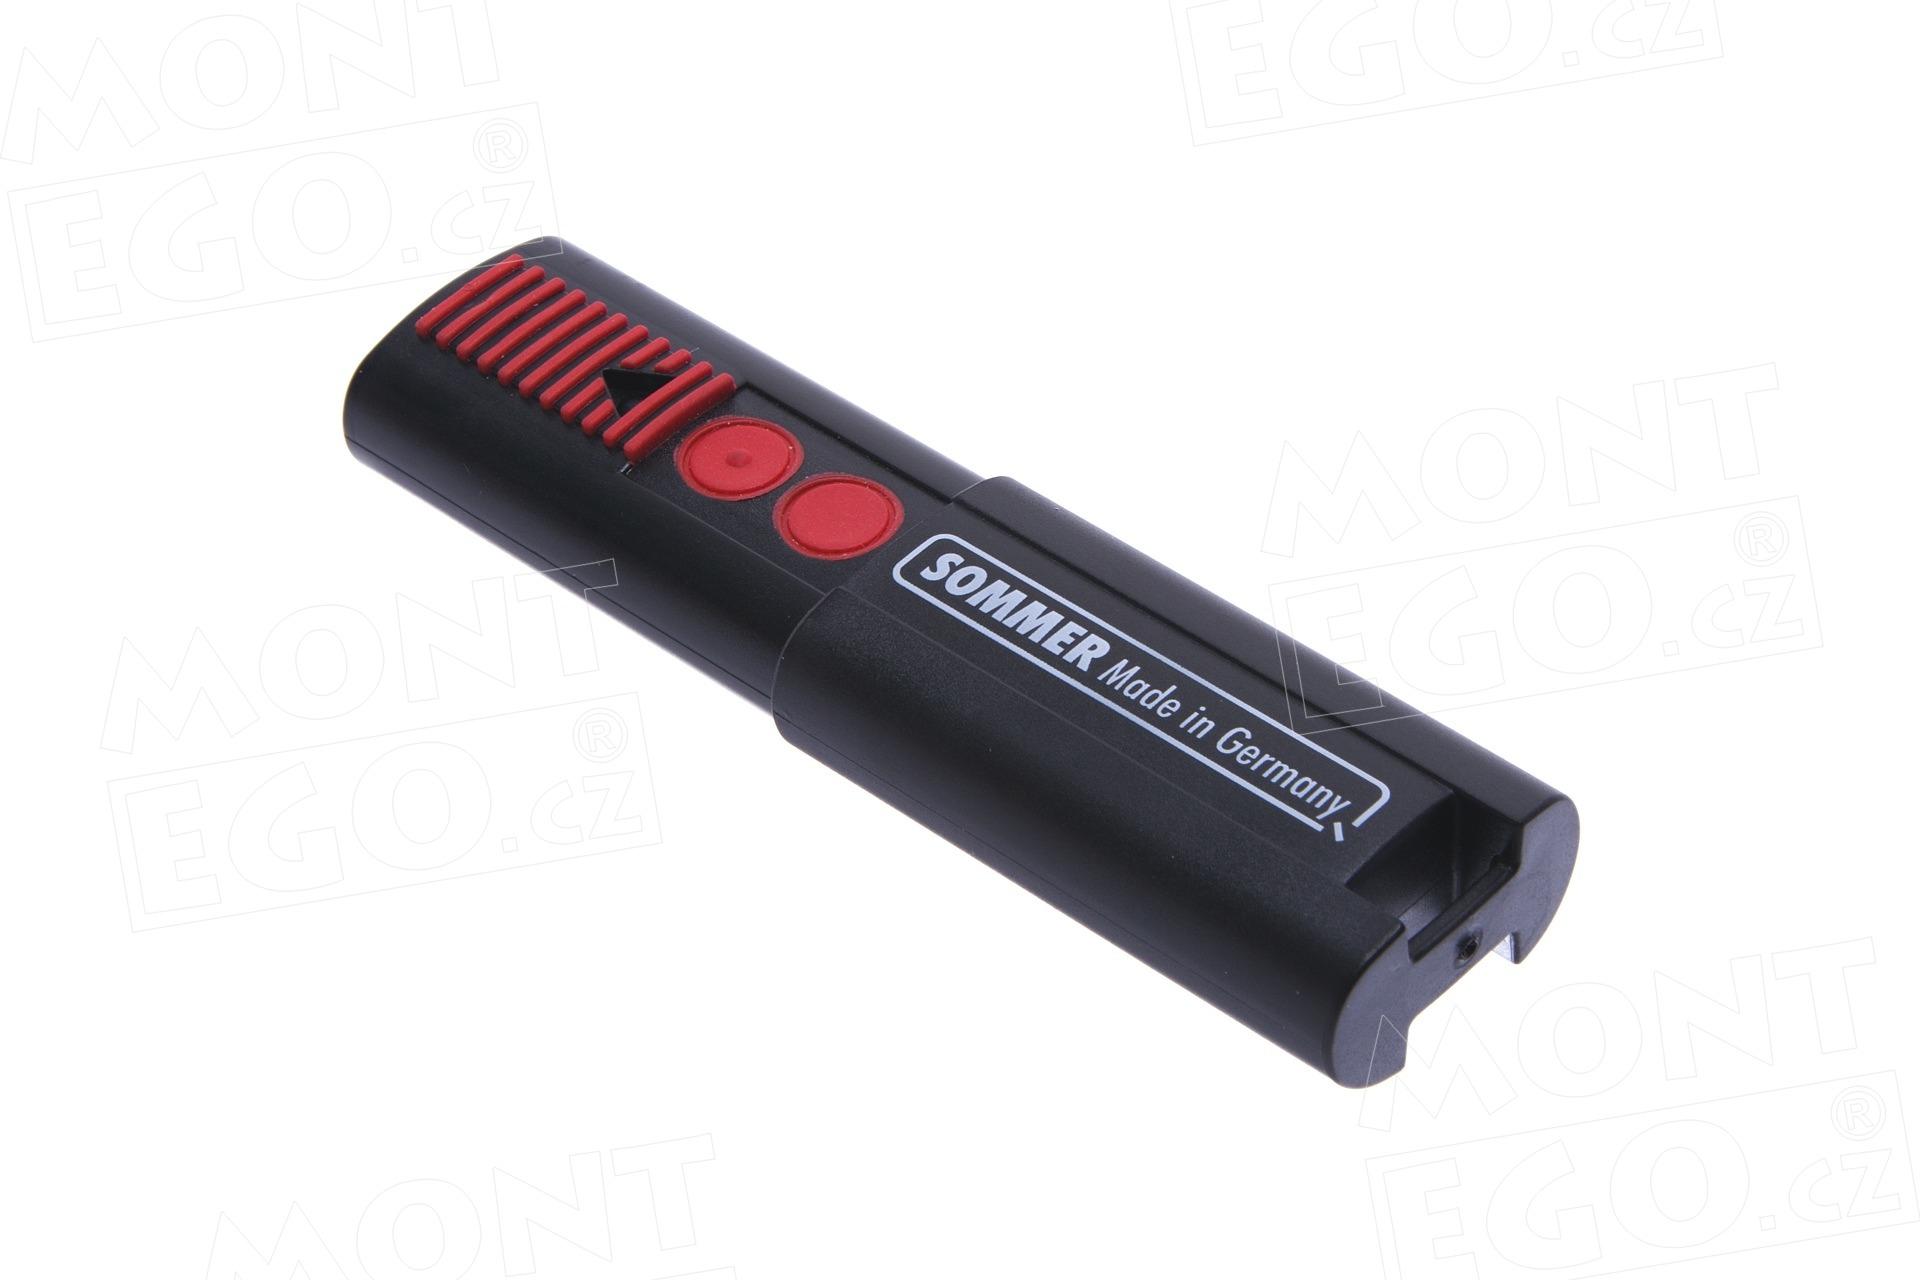 Univerzální dálkový ovladač Sommer 868,8 Mhz, 2 kanálový,originál, TX03-868-4